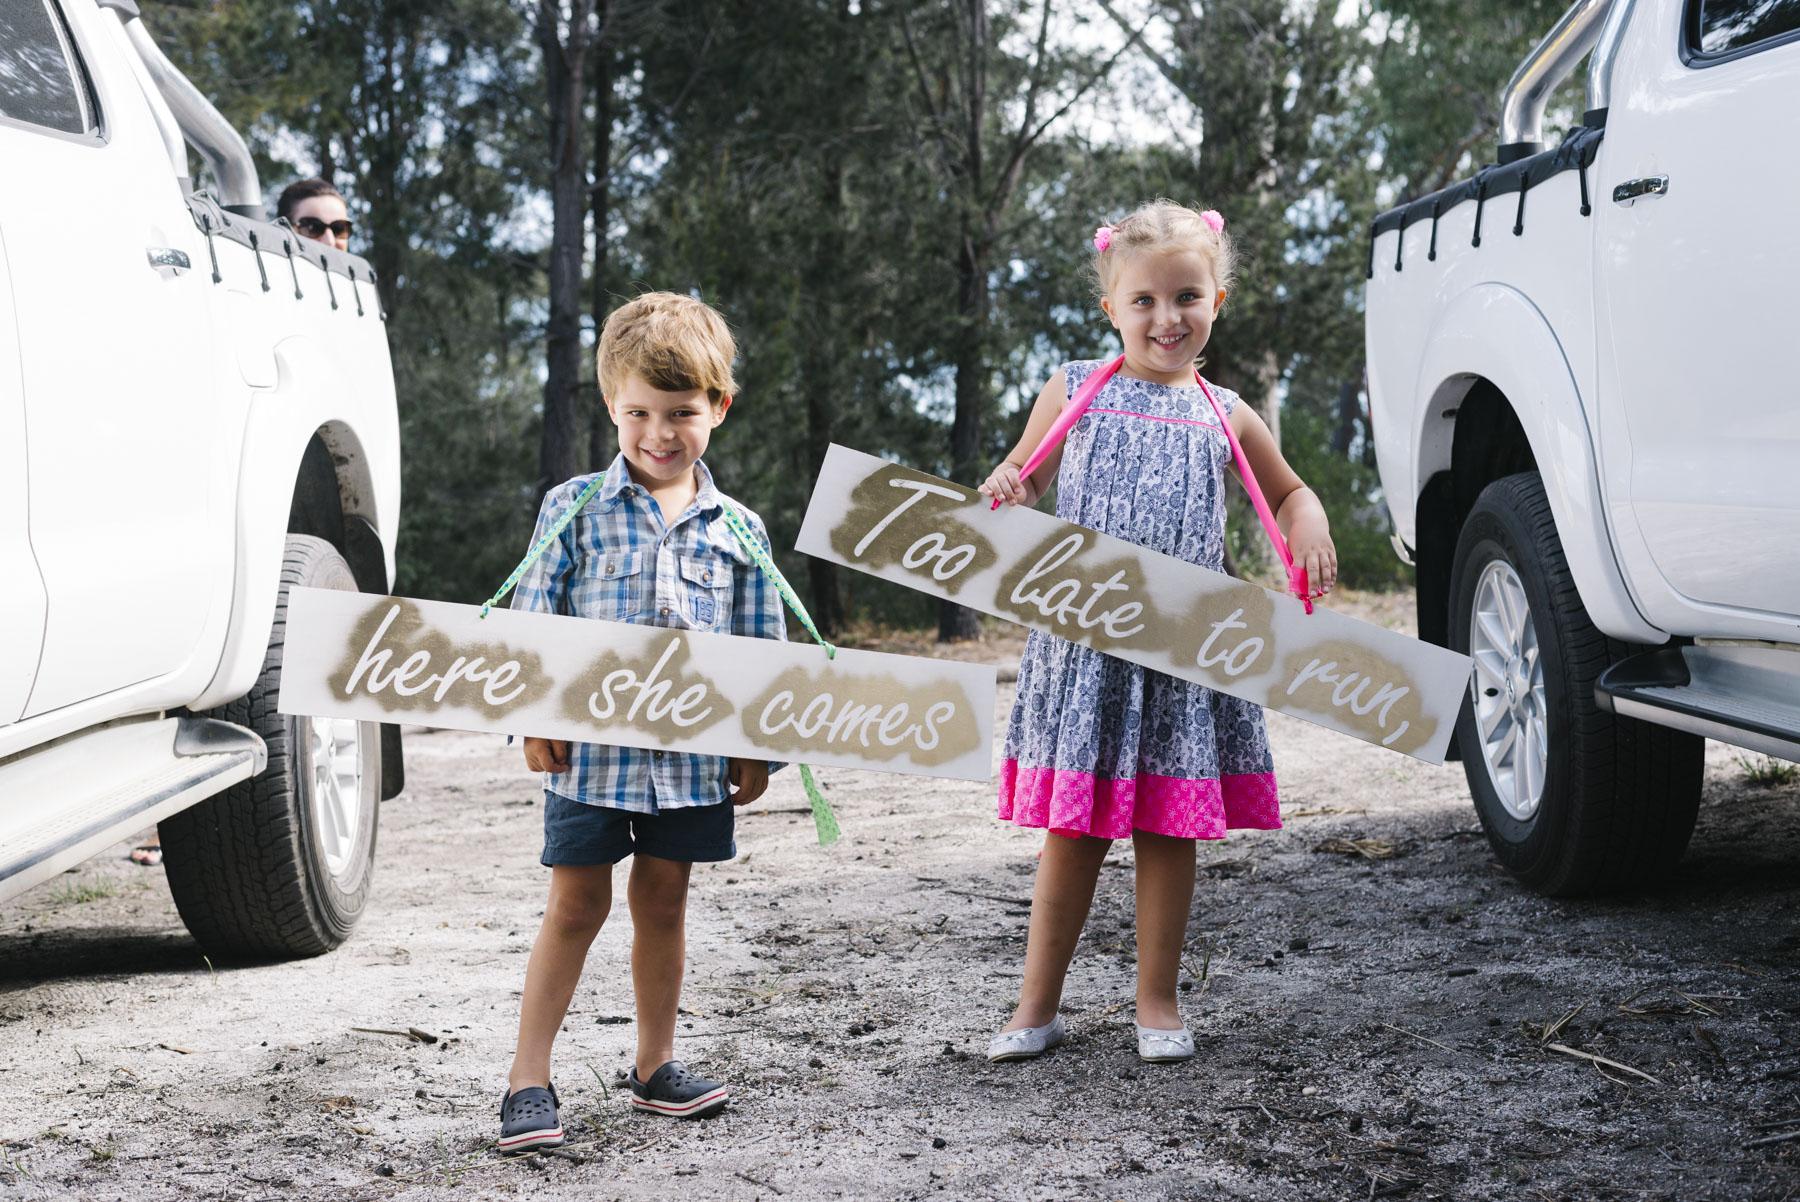 1501curchill-174alan_moyle_wedding_portrait_brighton_bayside_bay_of_fires_rustic_styled_rustic_beach_candid_documentry_binalongbay_tasmania_destination.jpg